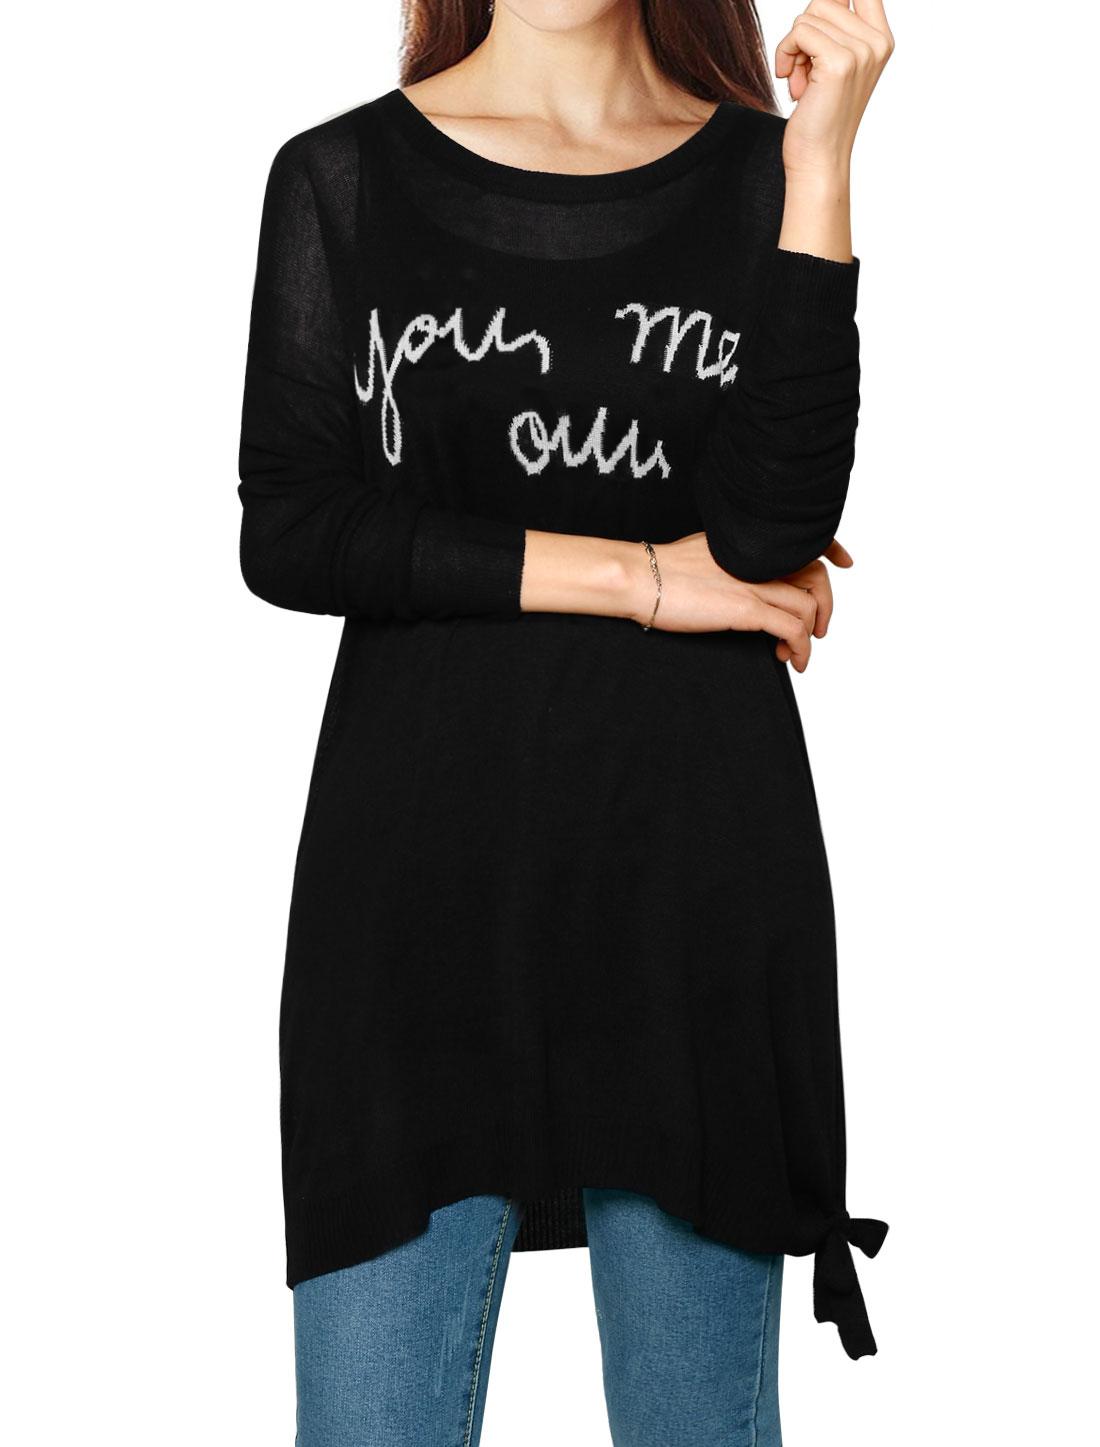 Women Dropped Shoulder Side-Slit Letters Loose Knit Top Black S